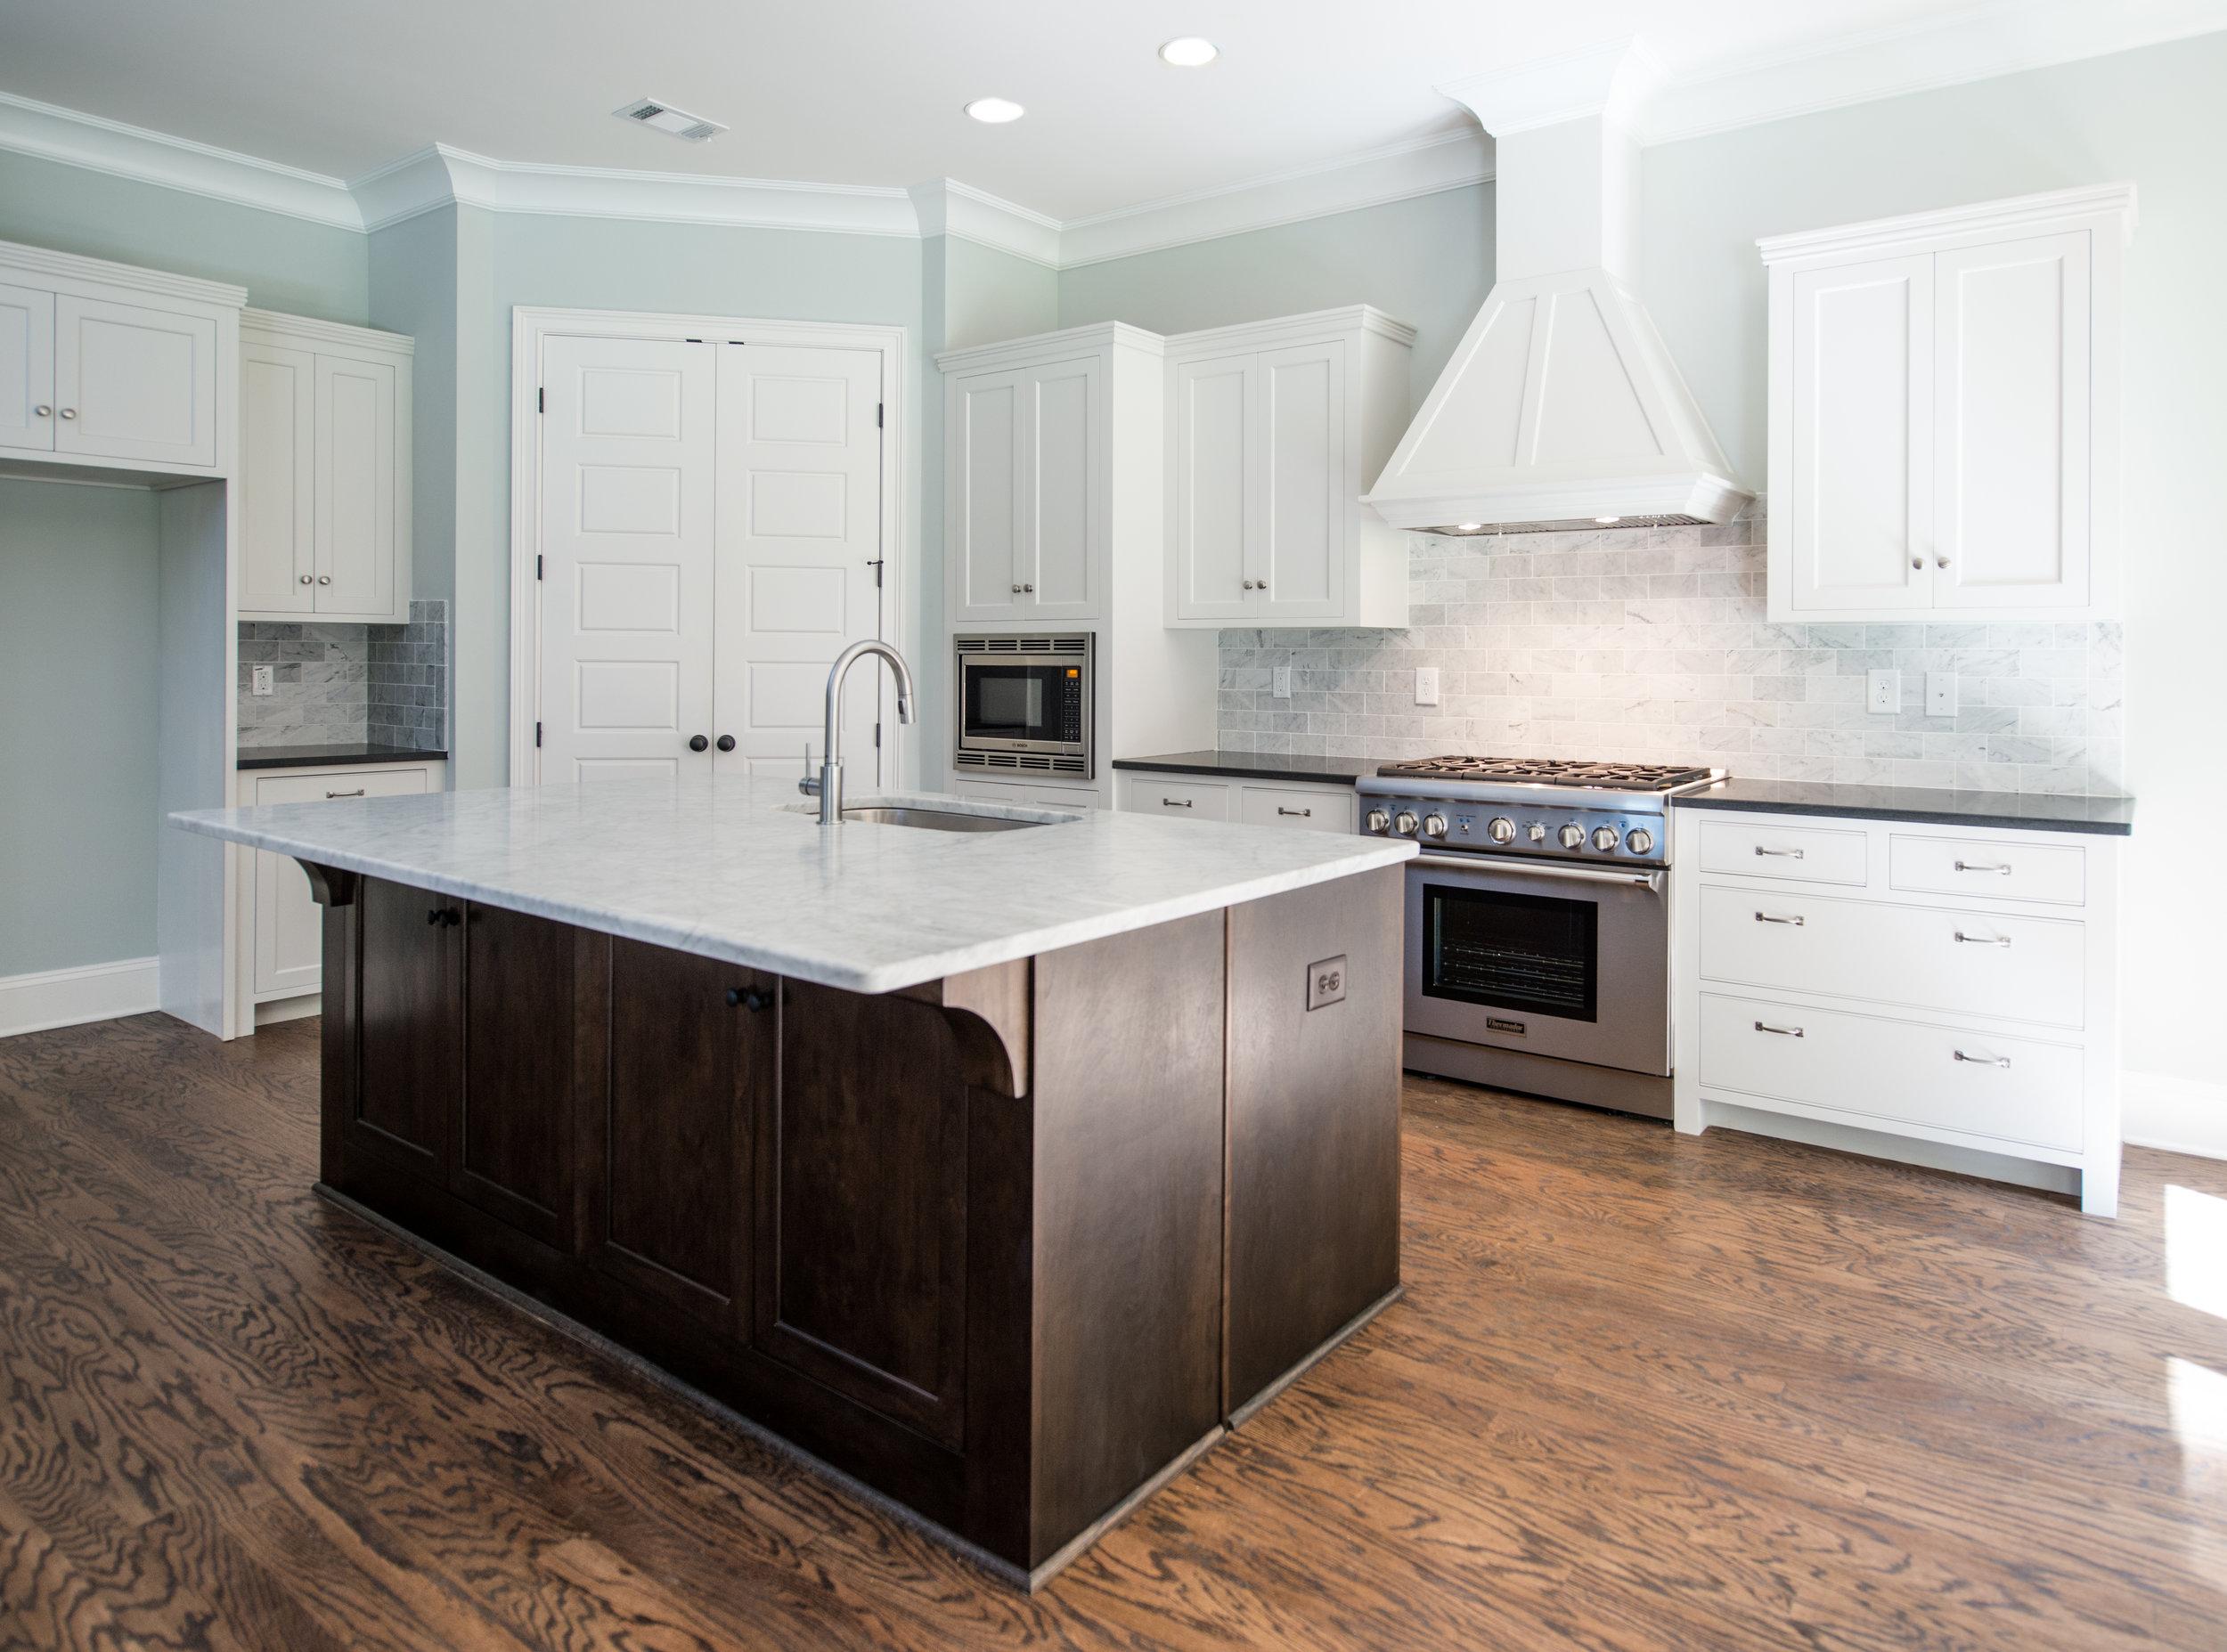 824 Kitchen 1.jpg